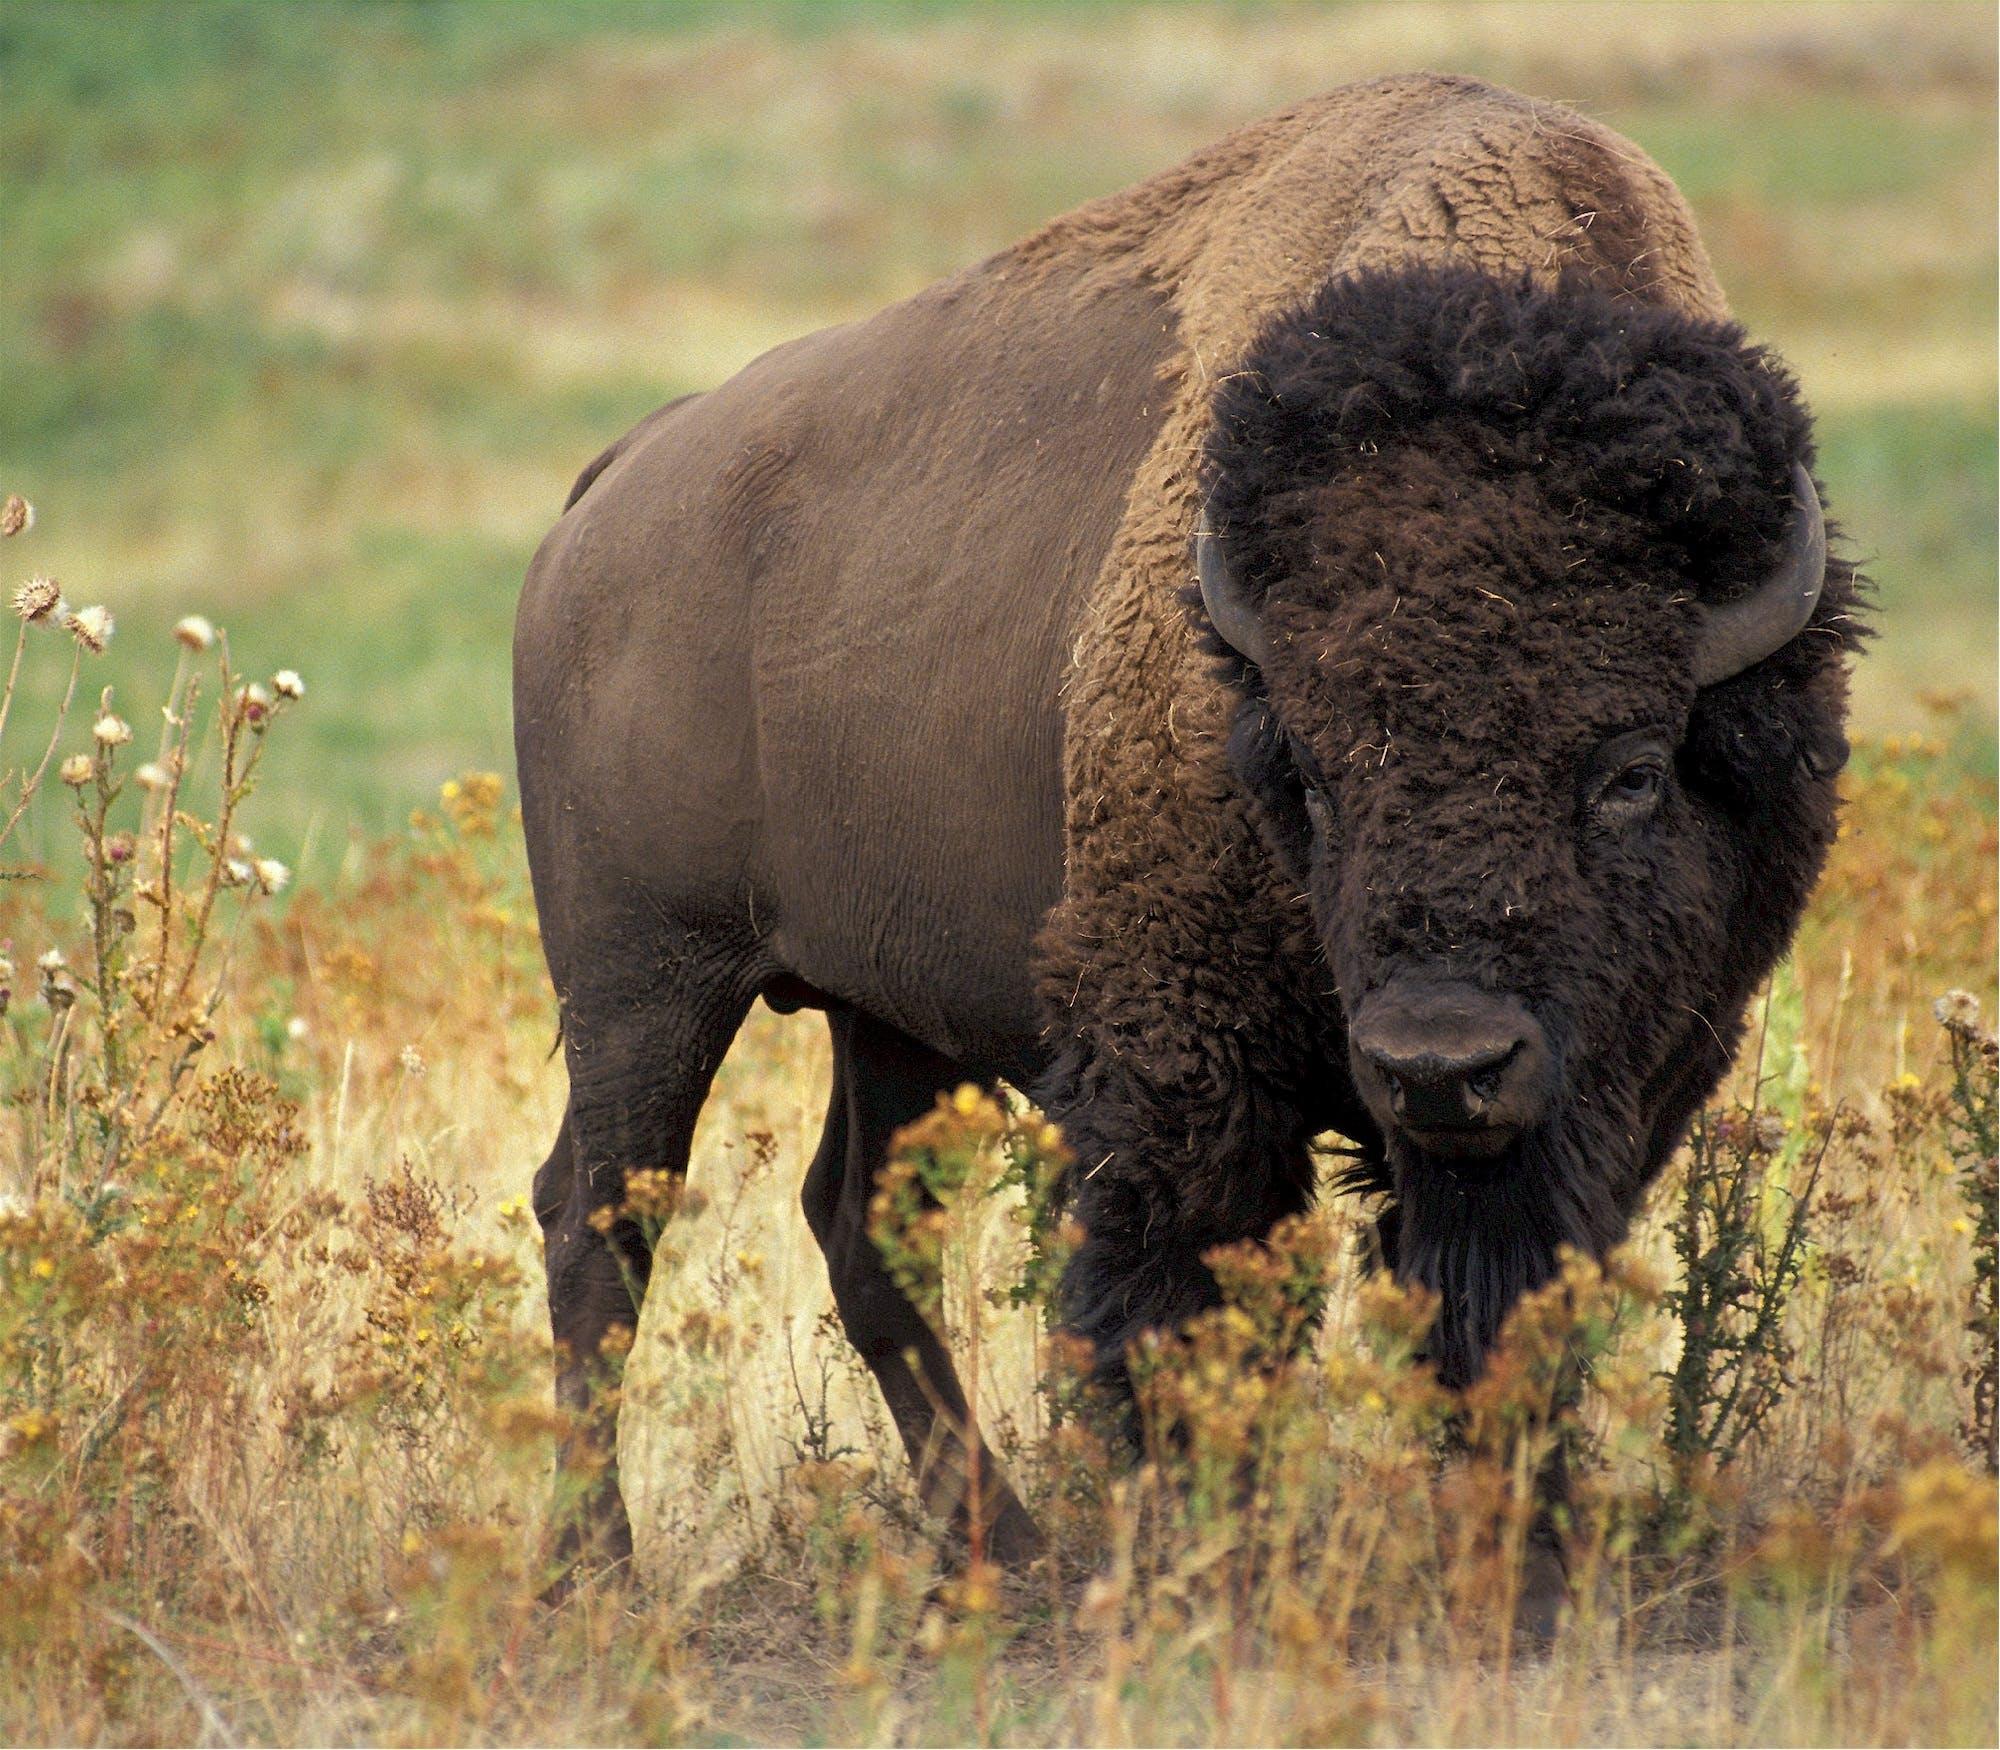 ameaçado de extinção, animais selvagens, animal